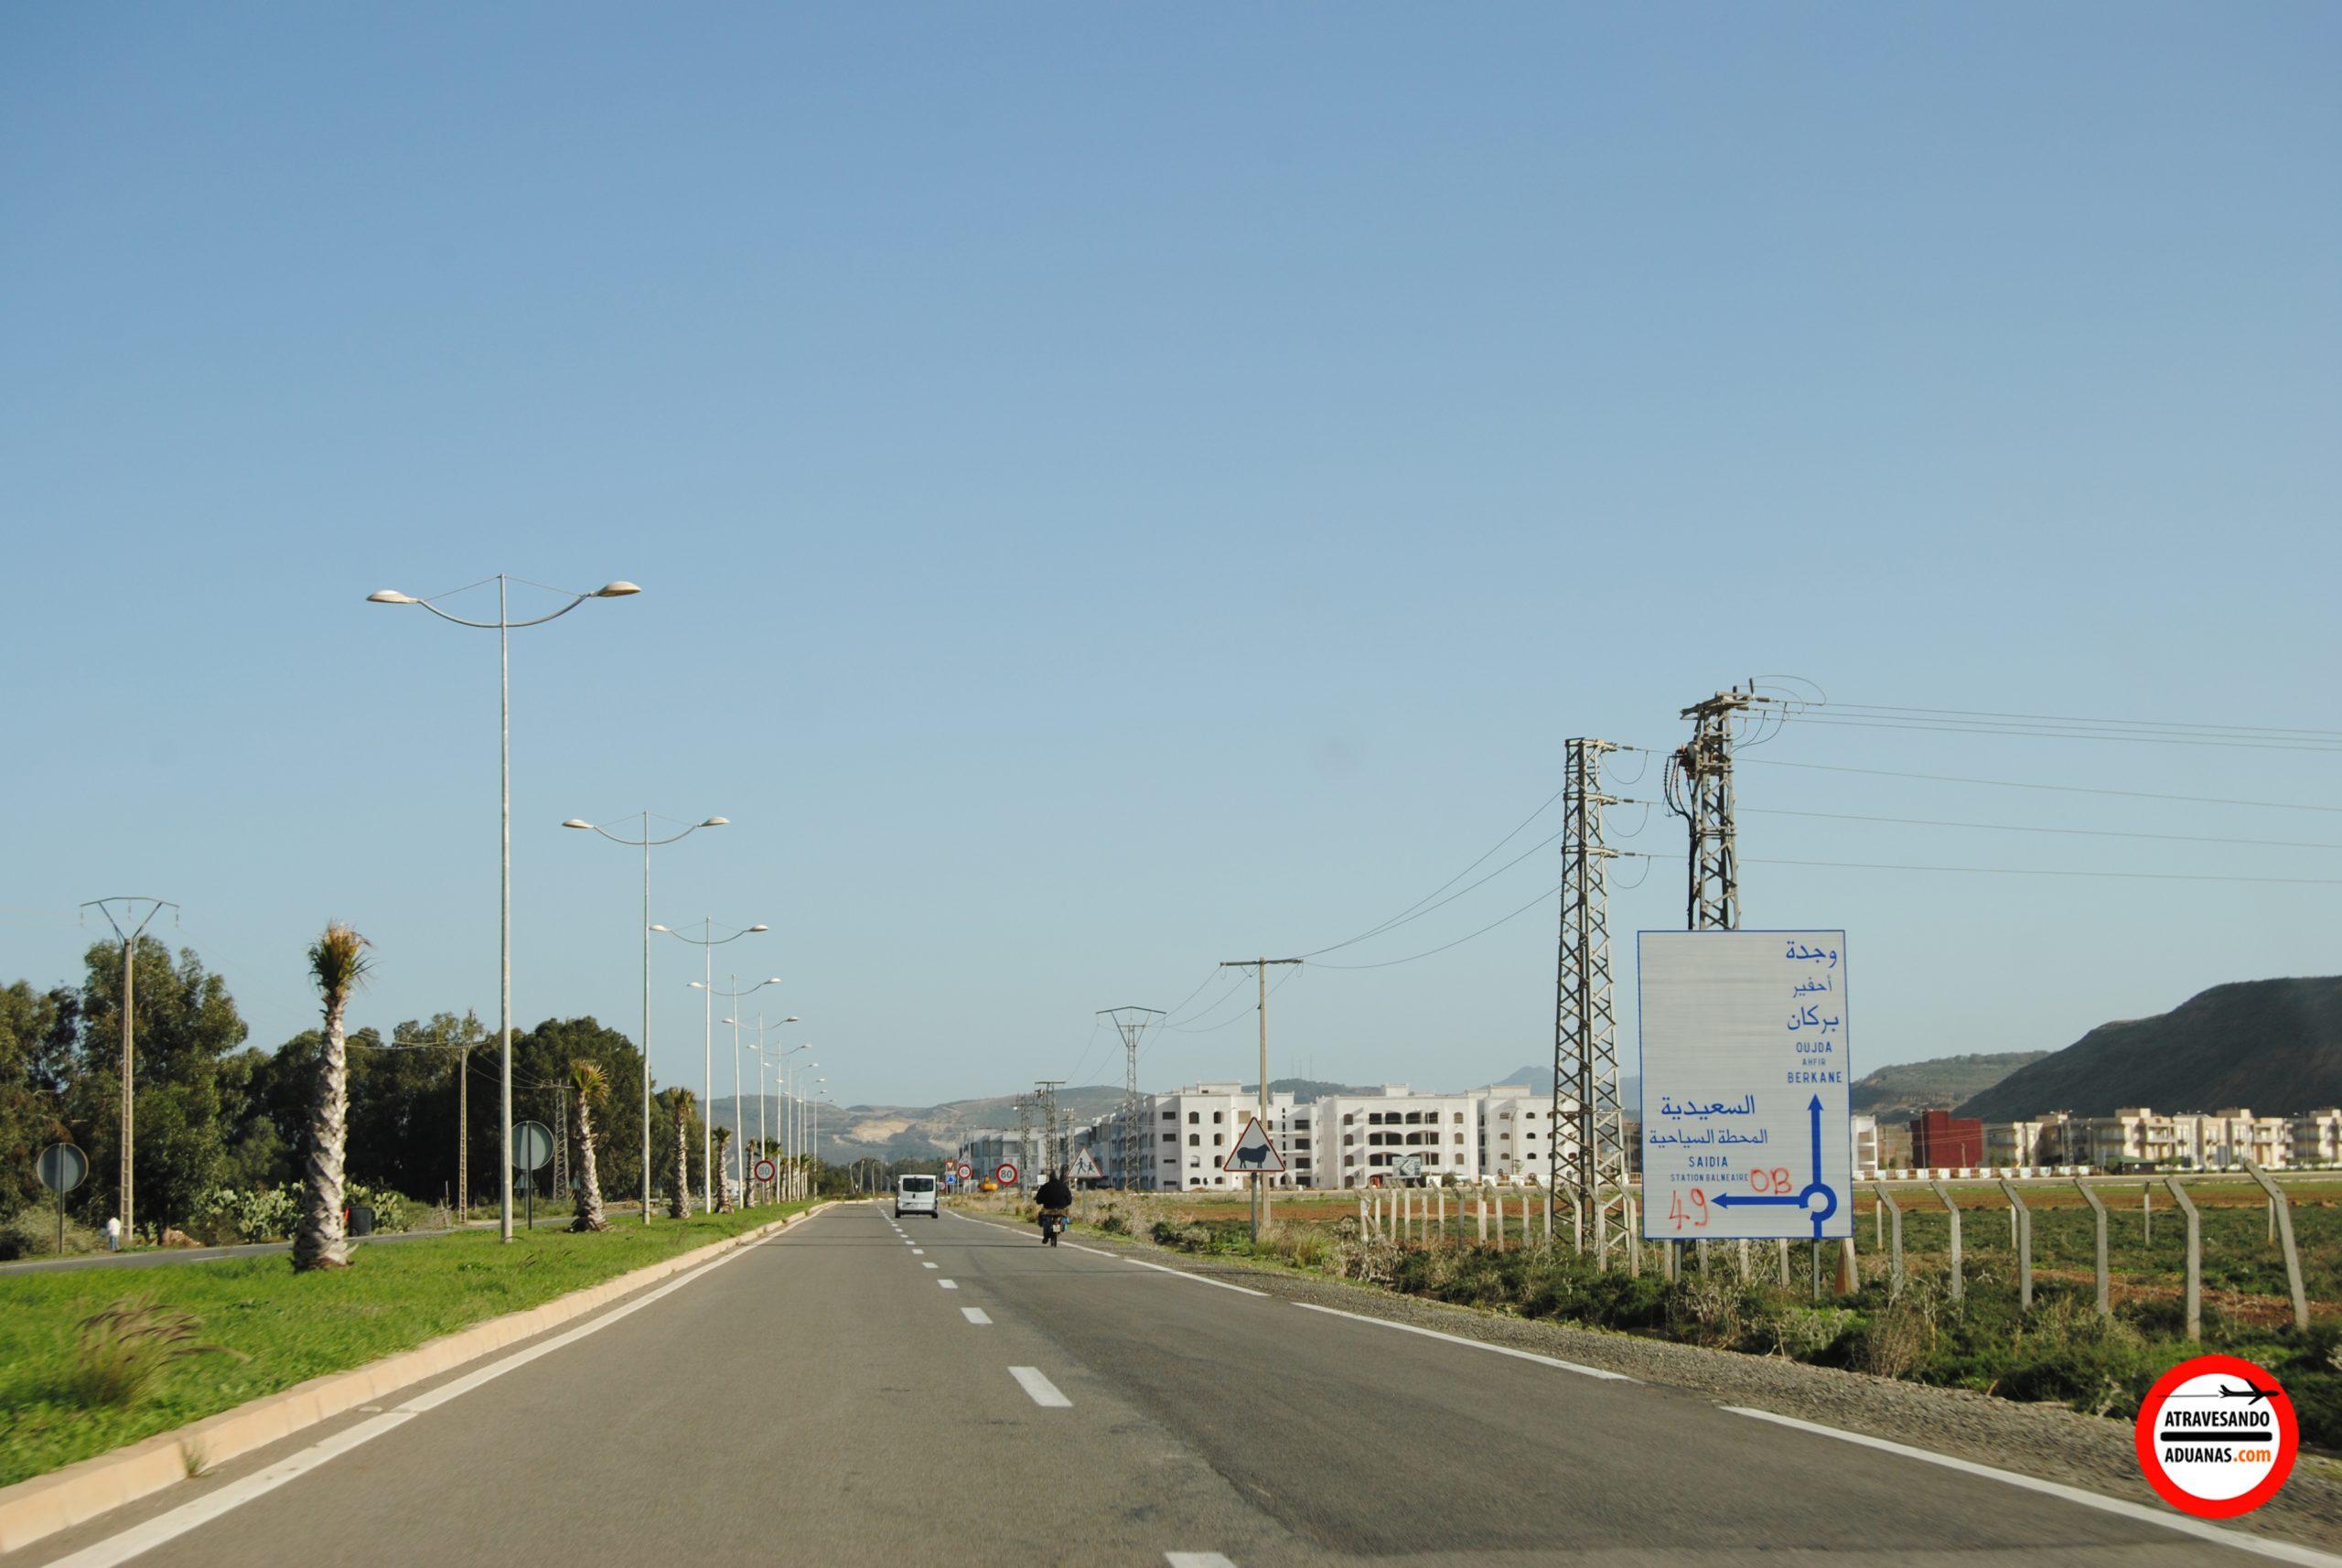 carretera antes del desvío a saïdia